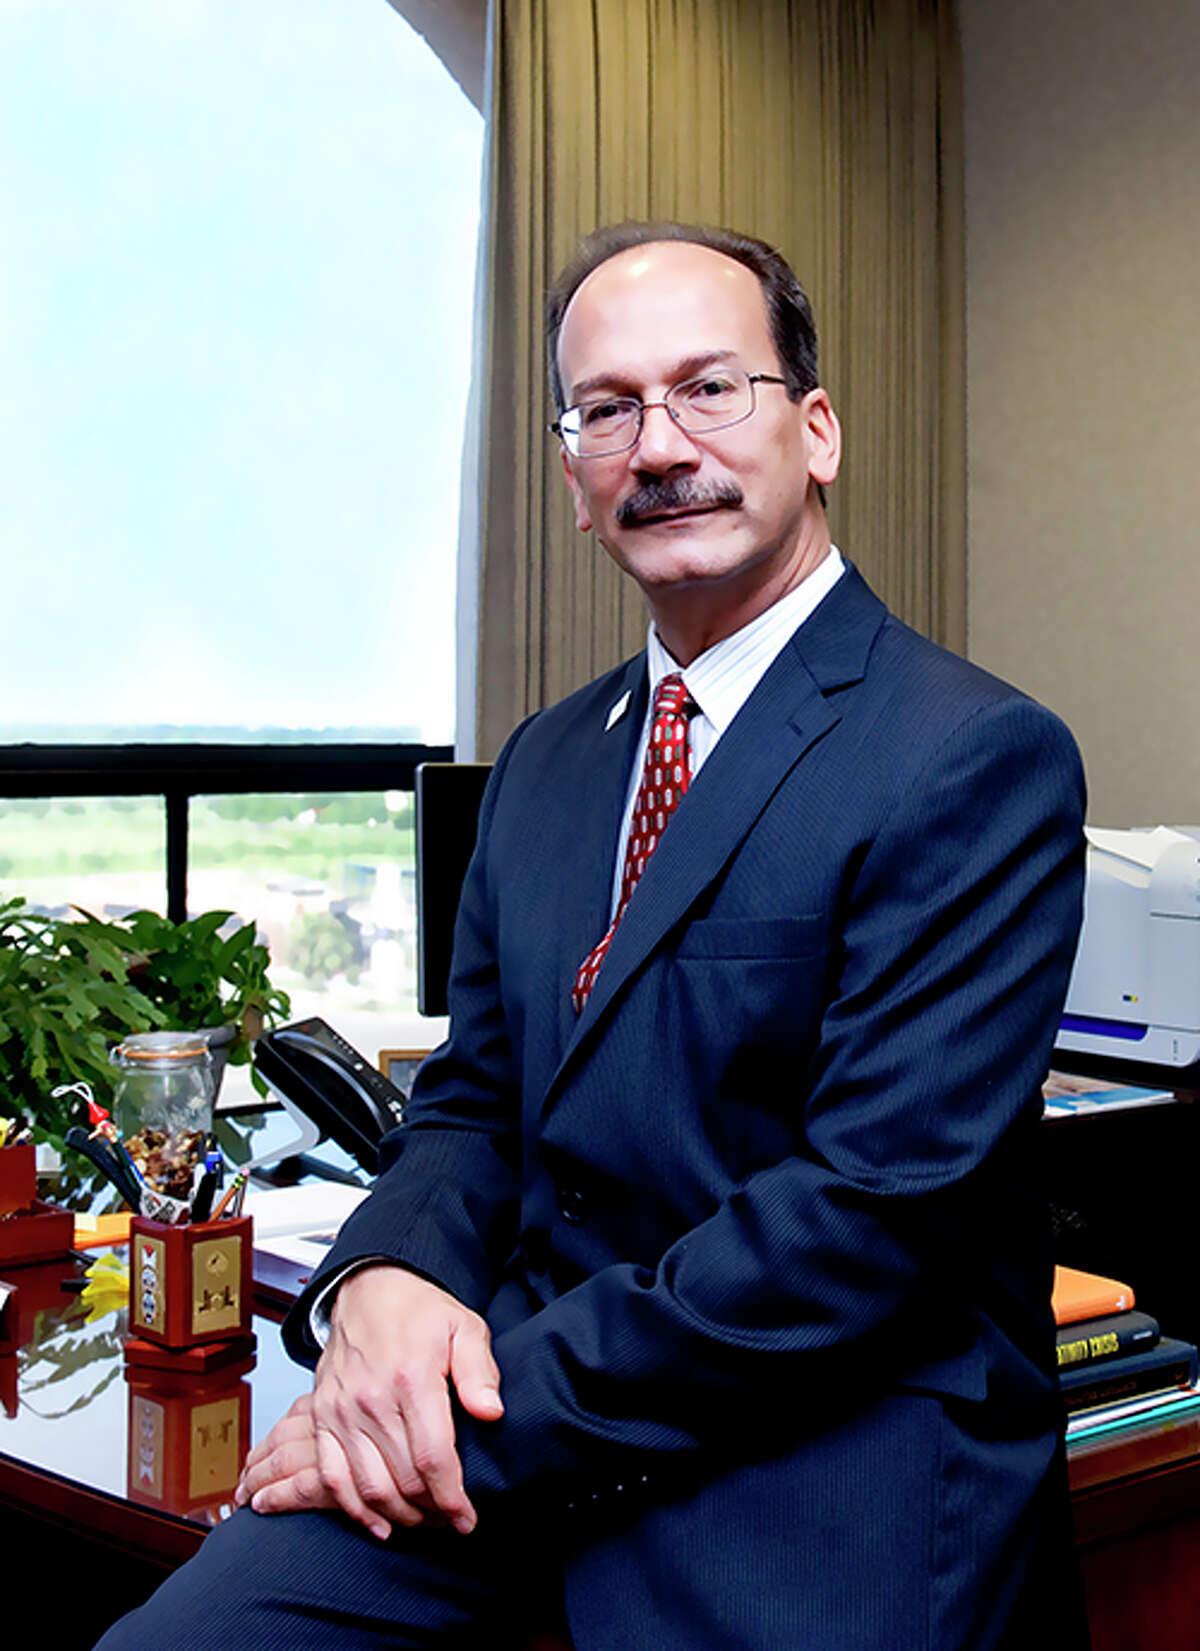 Havidán Rodríguez (University of Texas photo)